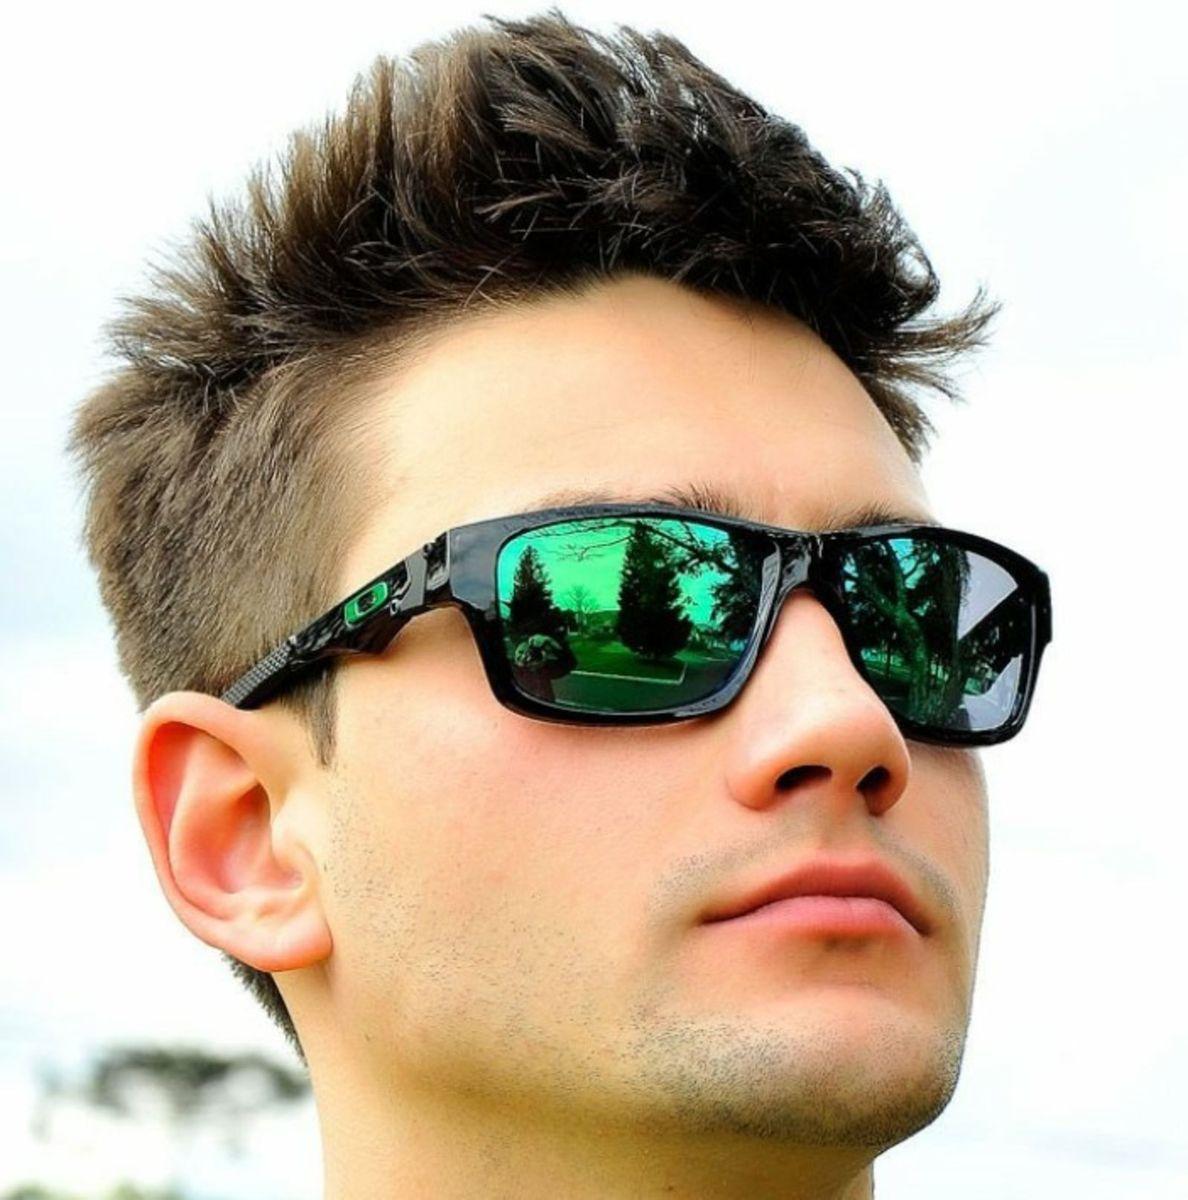 dd59eb695 Jupter Verde Espelhado da Oakley Polarizado   Óculos Masculino ...